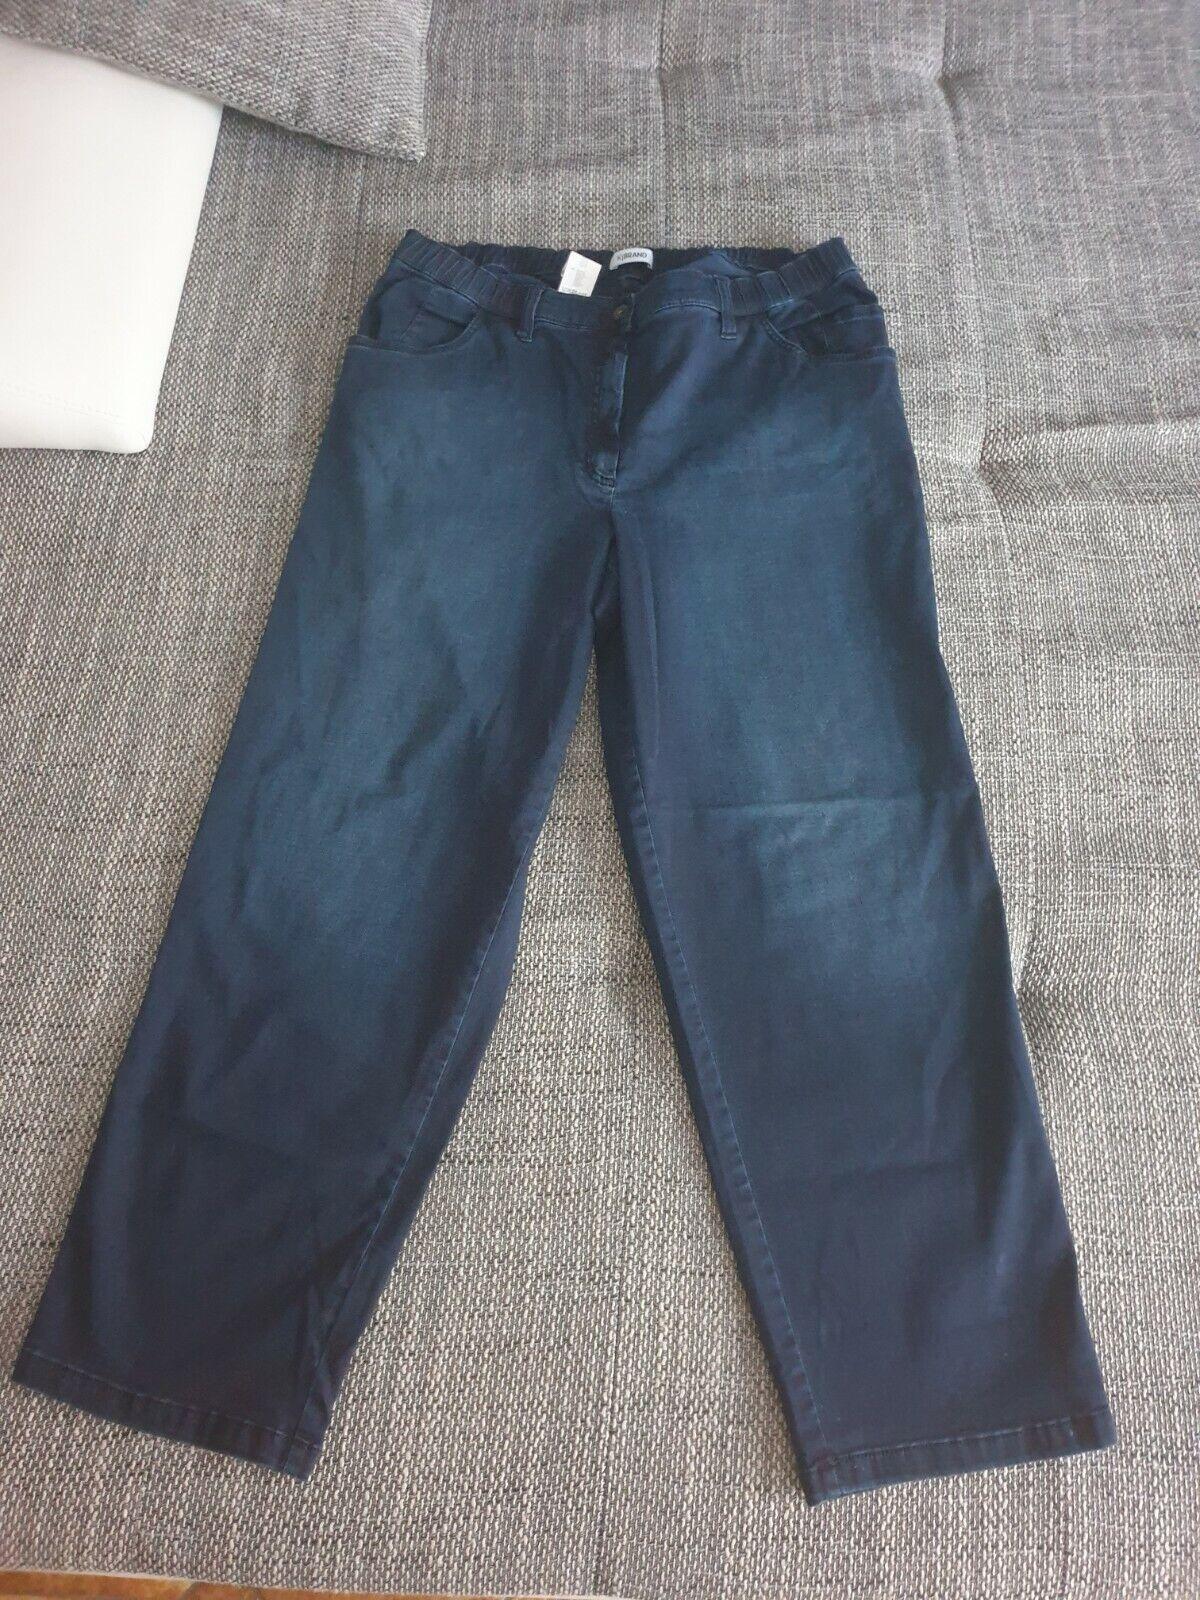 KJ BRAND - Jeans BABSIE - Super Stretch -blau - Größe 46 Damen